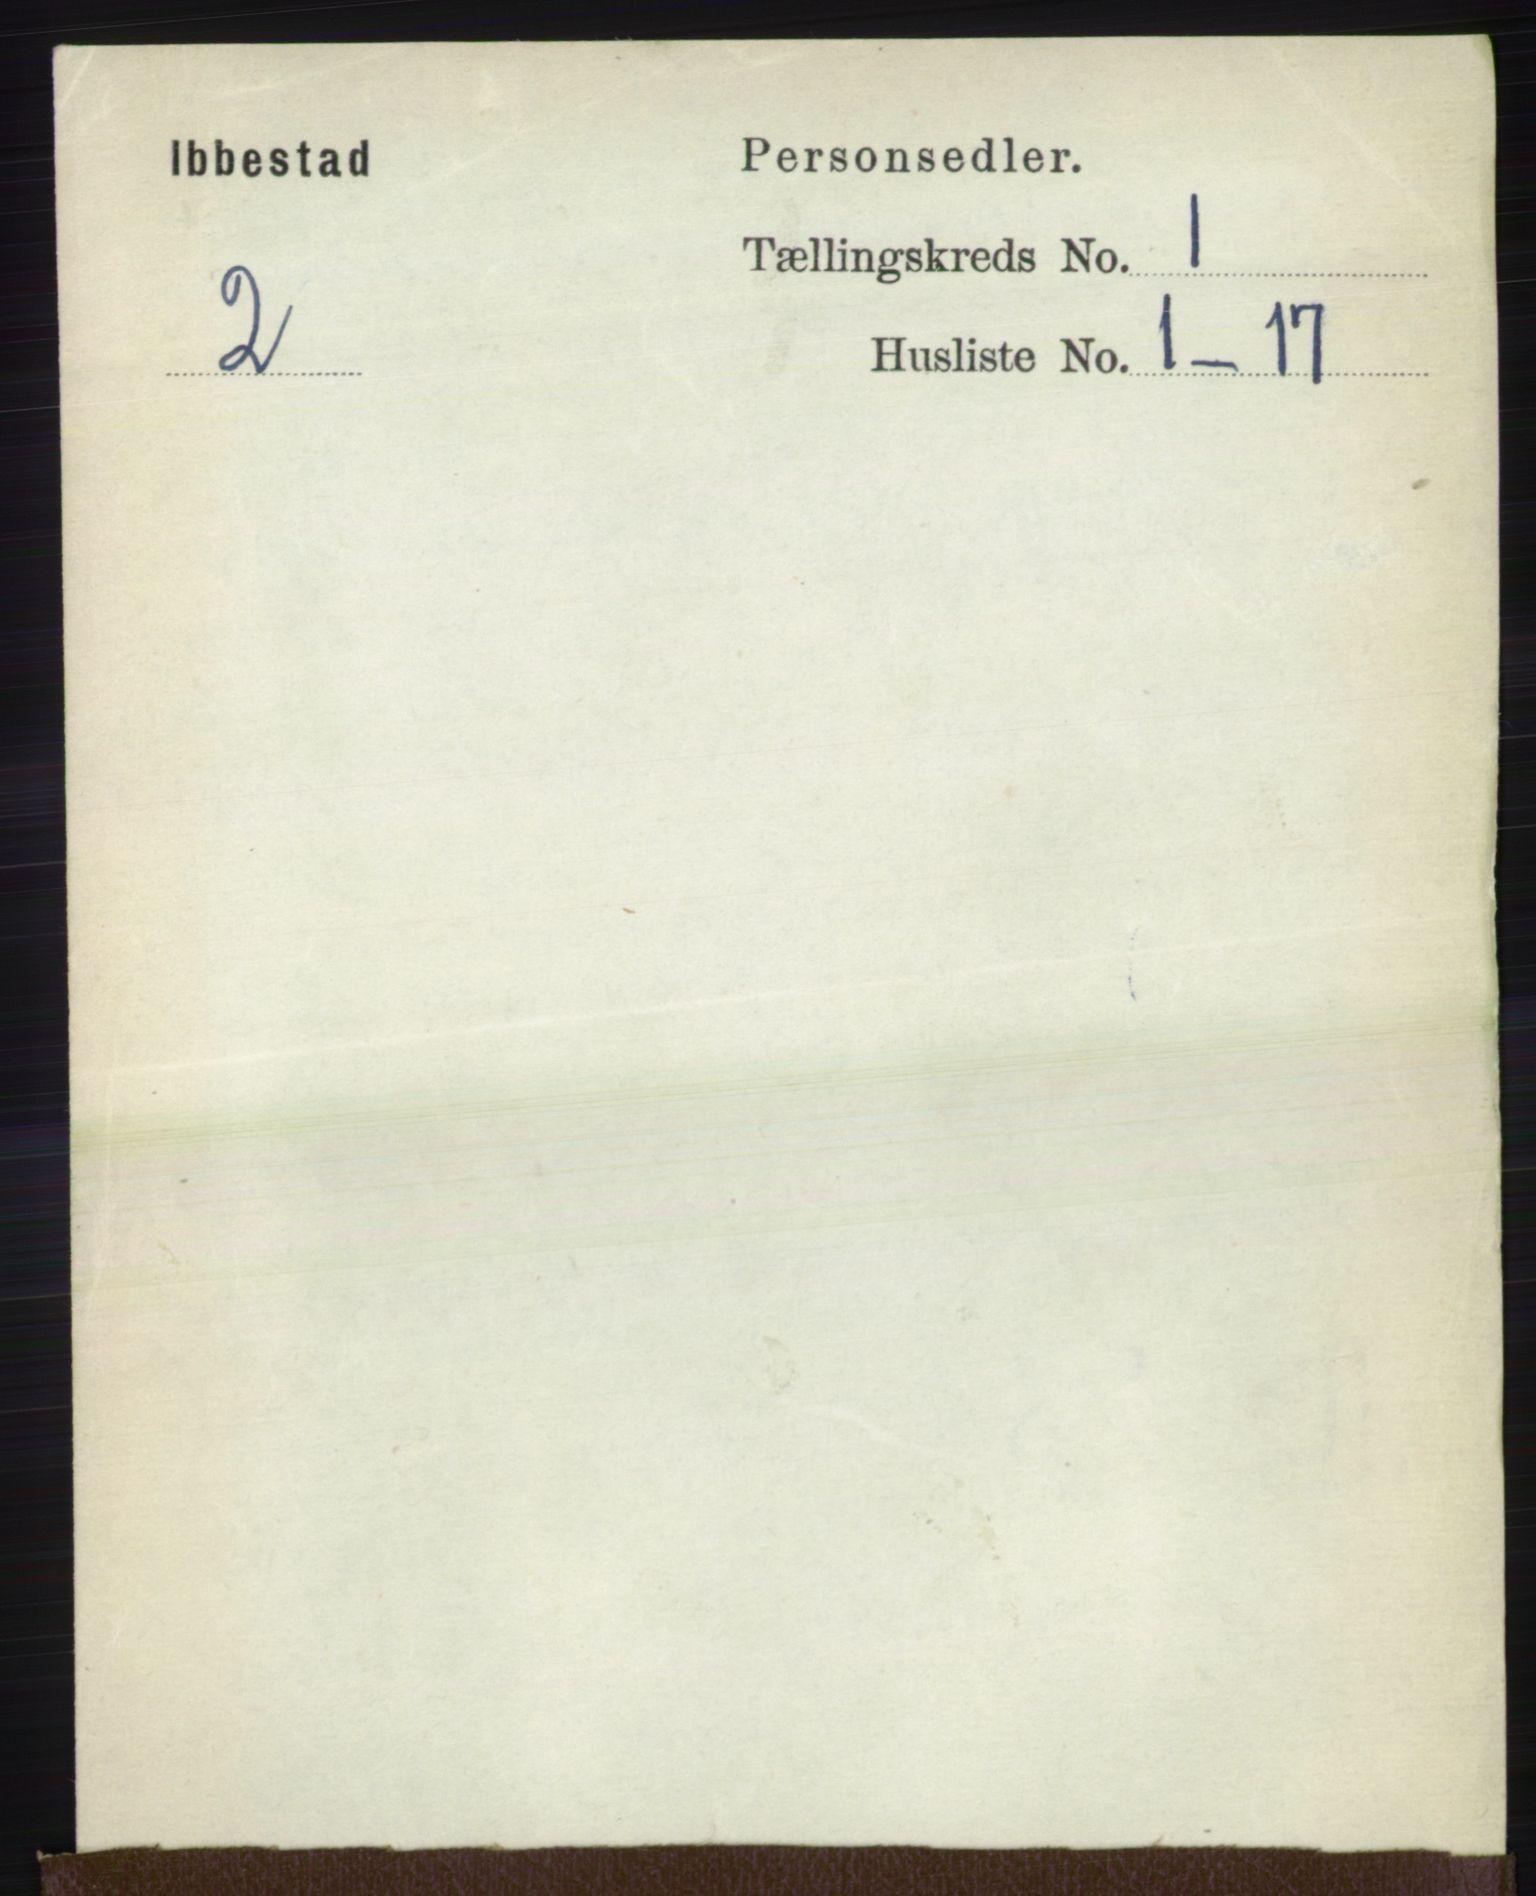 RA, Folketelling 1891 for 1917 Ibestad herred, 1891, s. 121